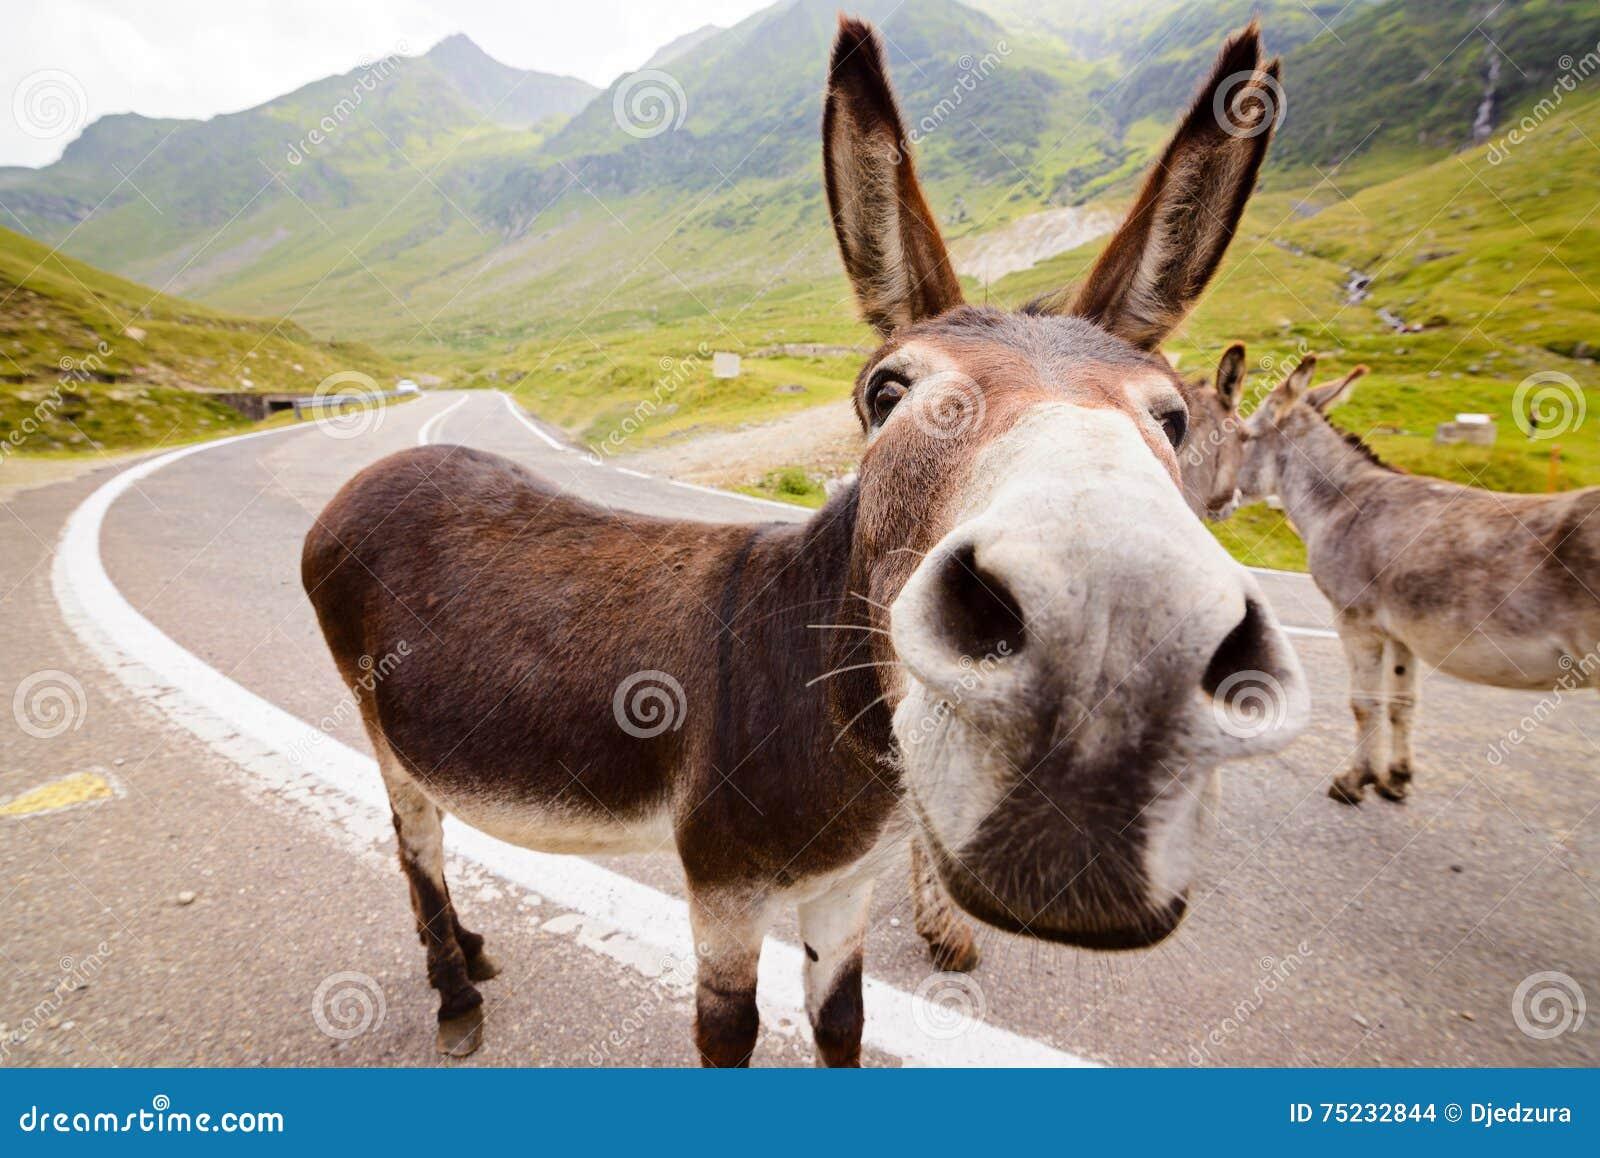 Grappige ezel op weg